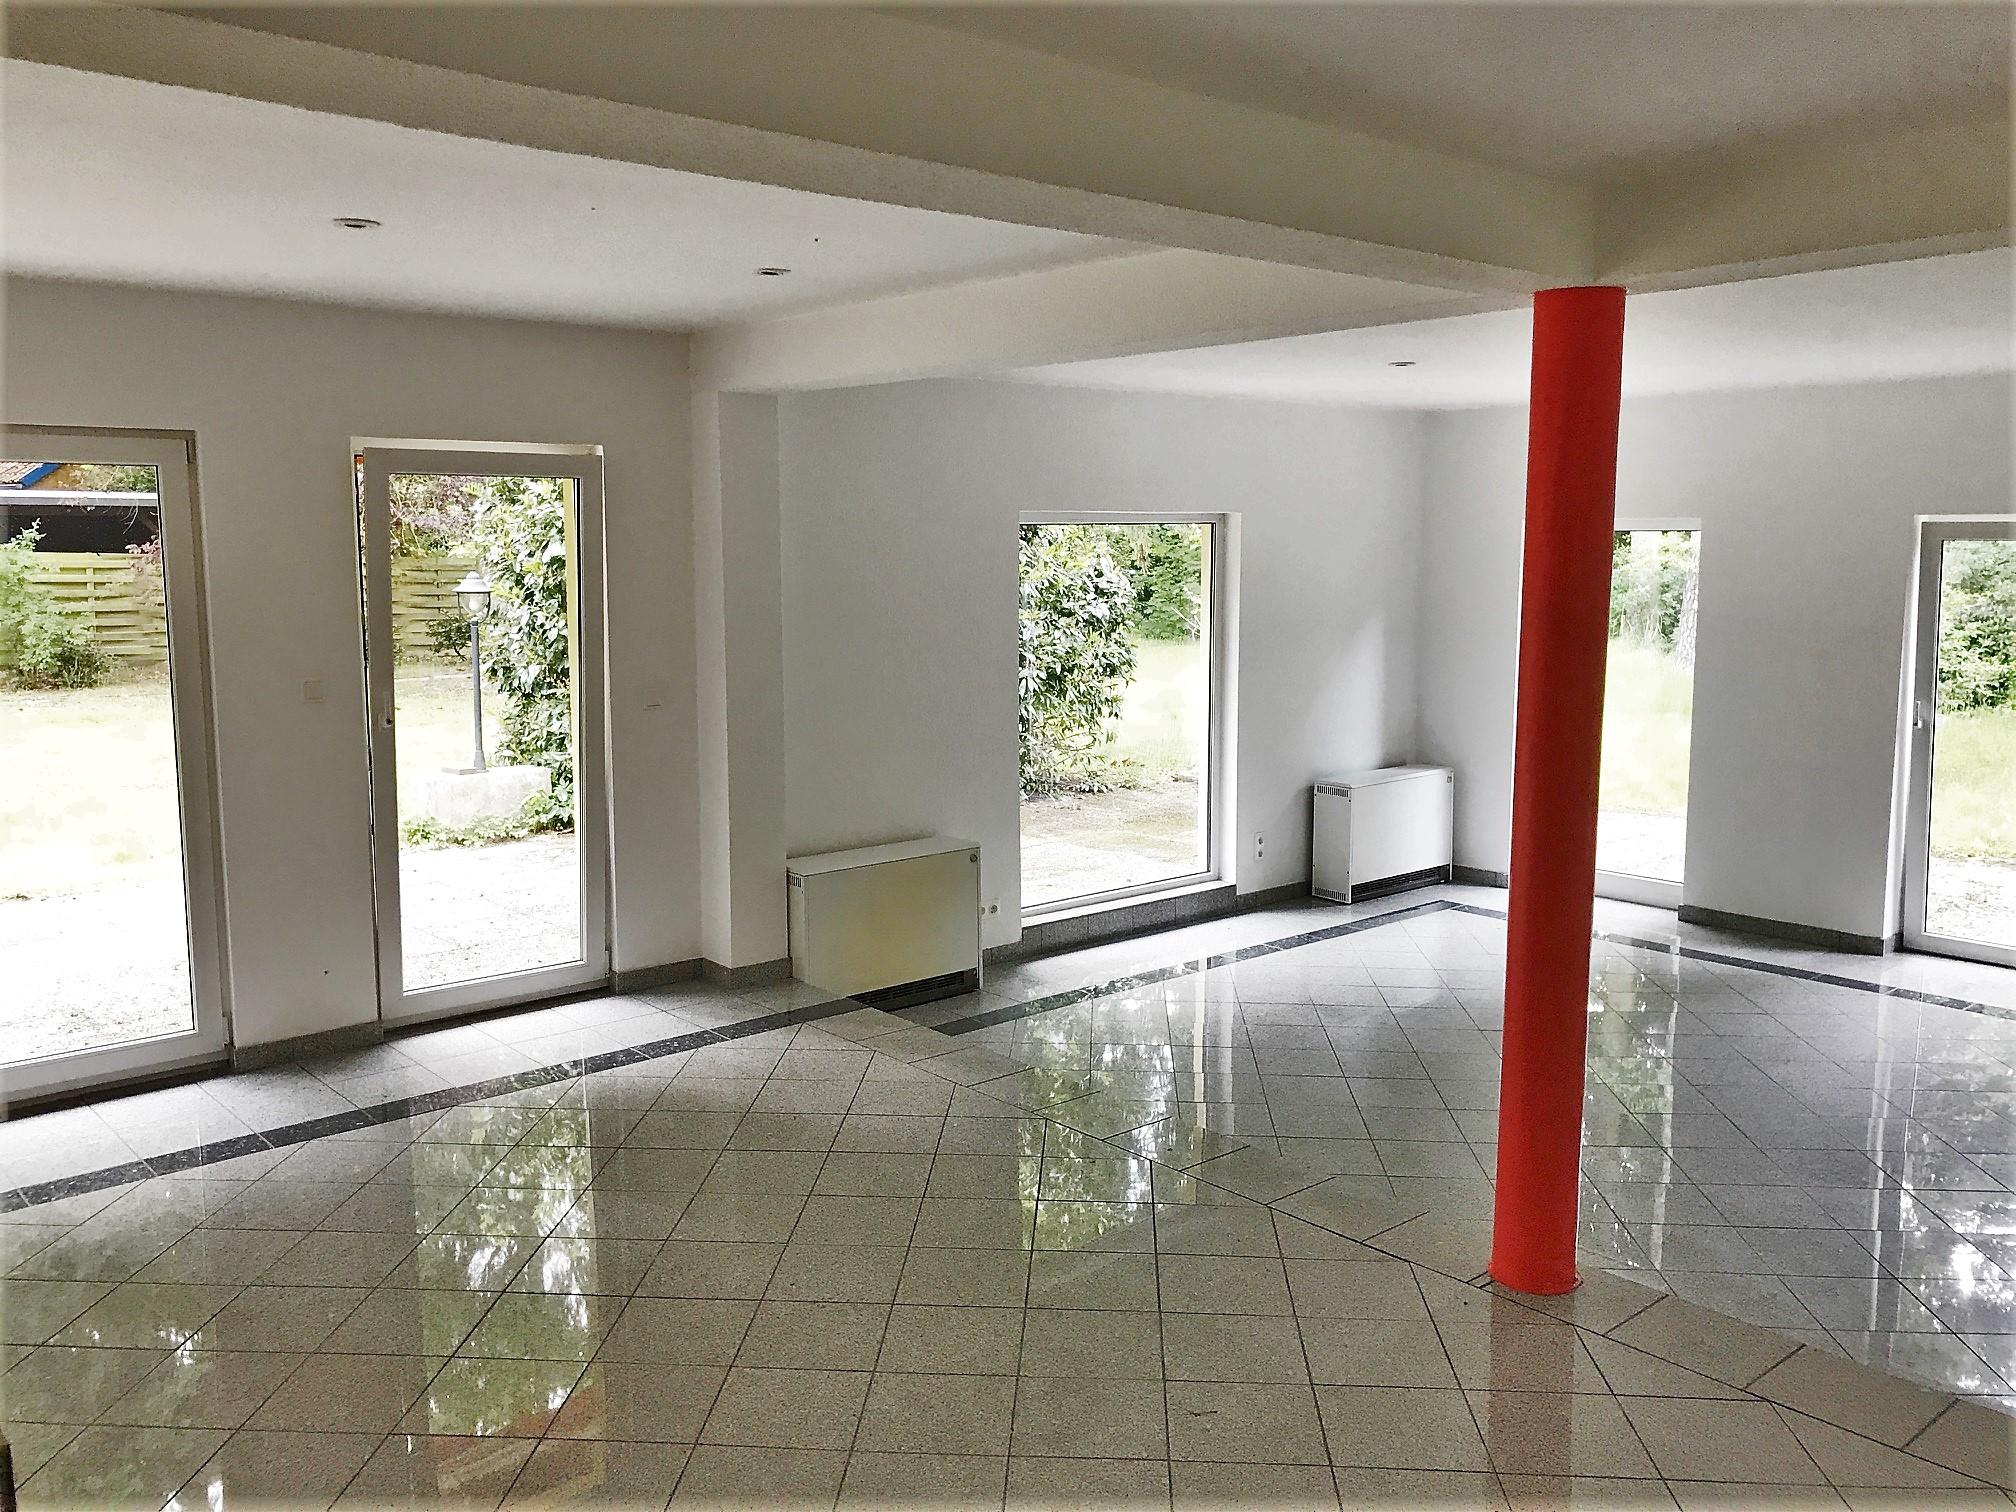 moosweg 30900 wedemark. Black Bedroom Furniture Sets. Home Design Ideas